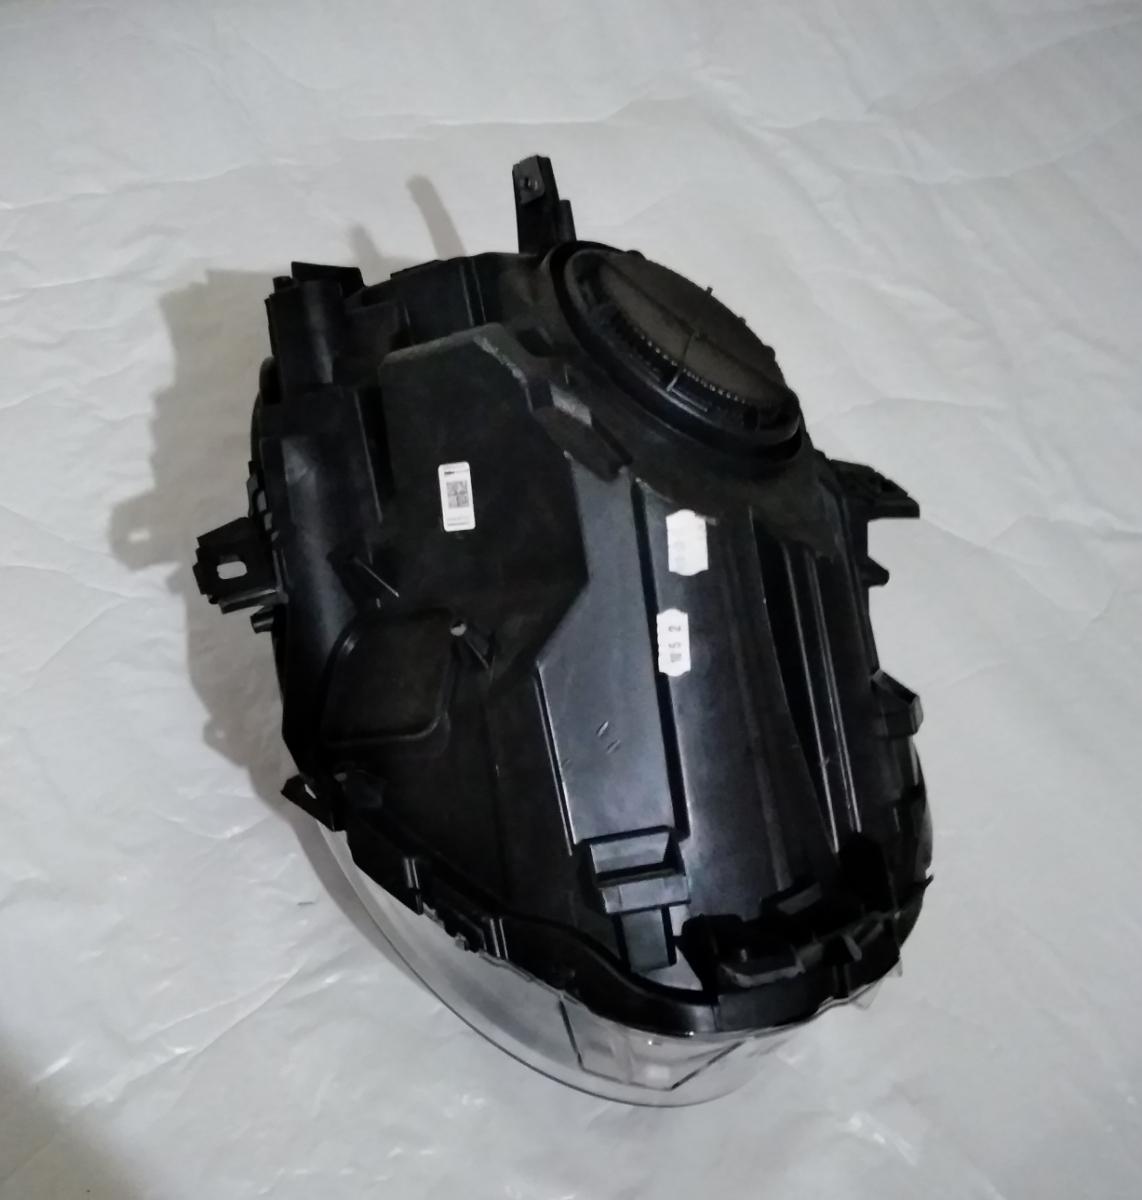 BMW MINI ミニ F54 F55 F56 F57 右 LED ヘッドライト ランプ ジャンク RH クラブマン_画像4